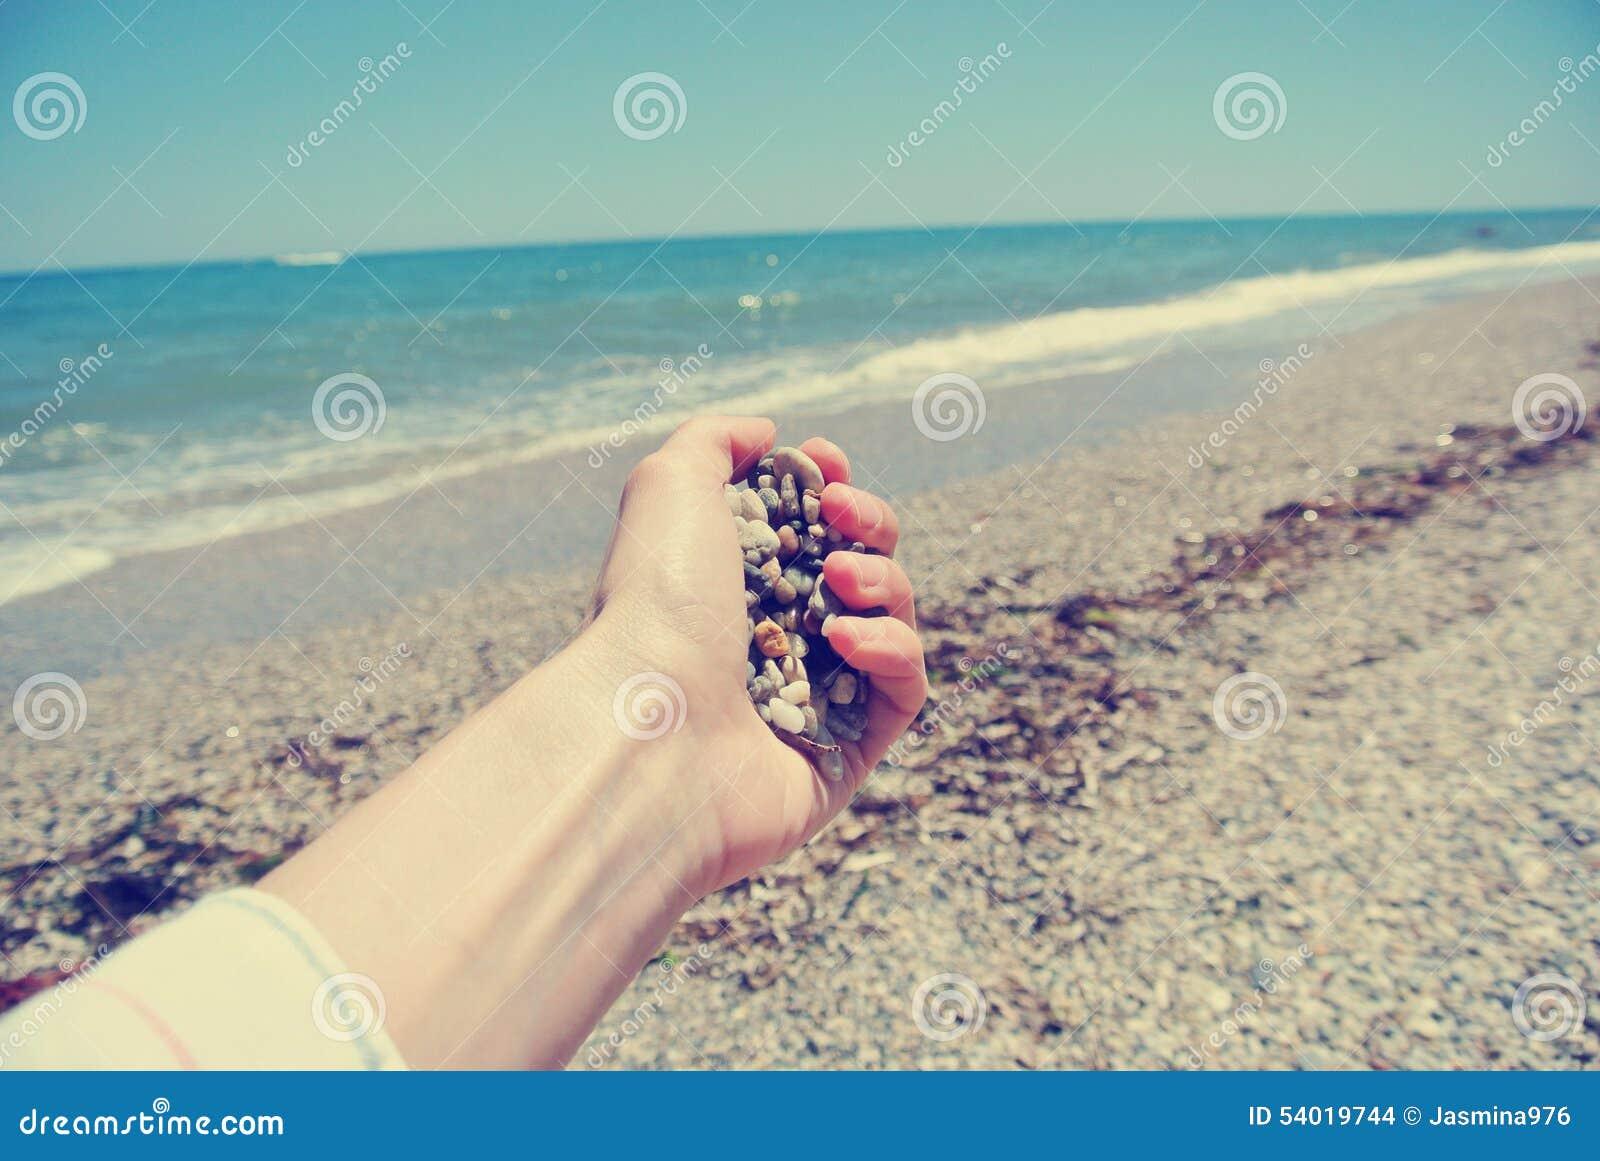 拿着在海滩的女性手小卵石,减速火箭/葡萄酒